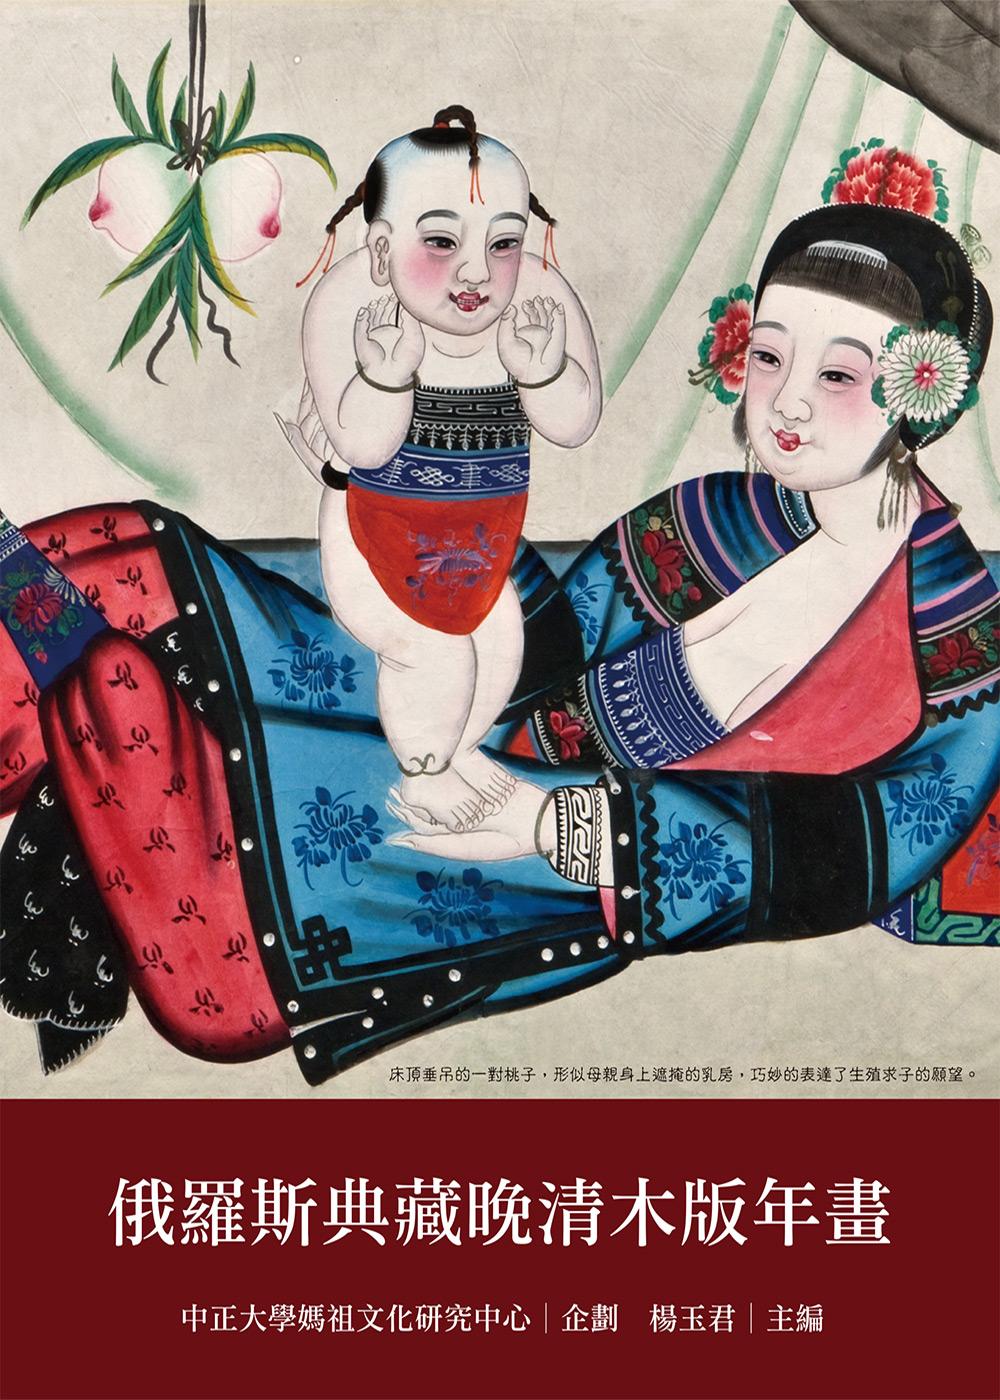 http://im2.book.com.tw/image/getImage?i=http://www.books.com.tw/img/001/072/47/0010724711_b_01.jpg&v=57a335cb&w=655&h=609